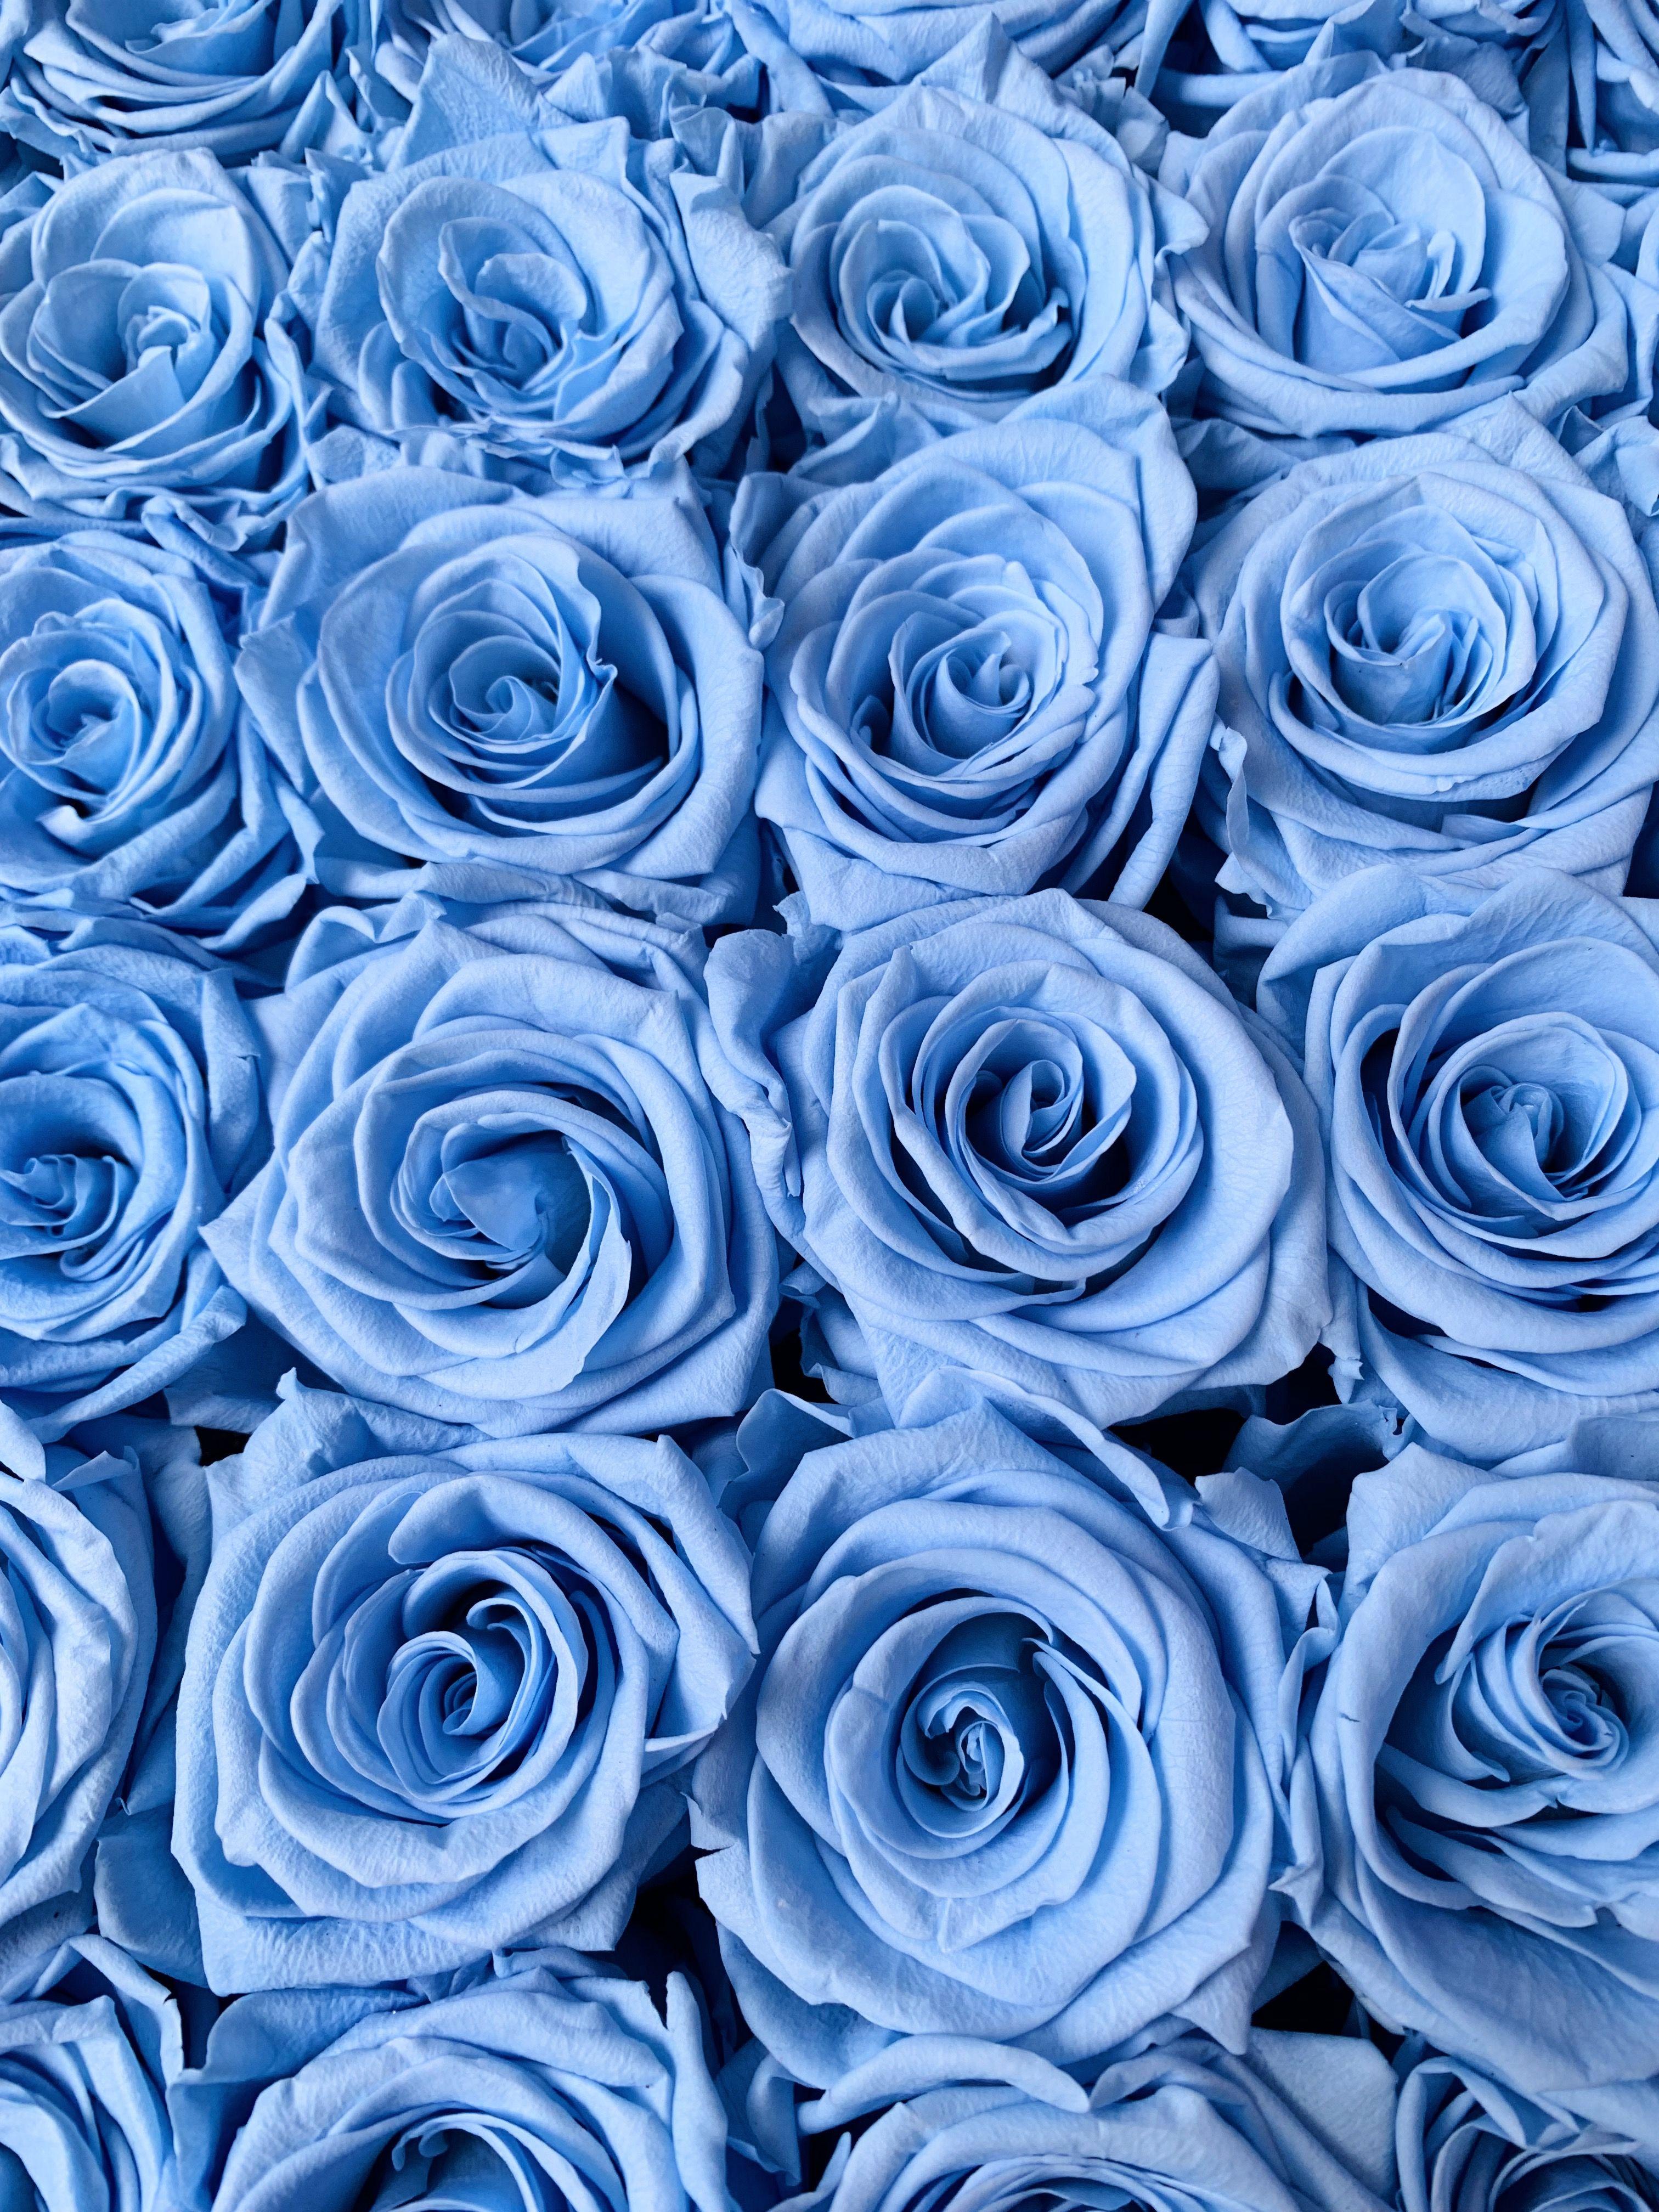 Baby Blue Roses Blue Roses Wallpaper Blue Flower Wallpaper Baby Blue Aesthetic